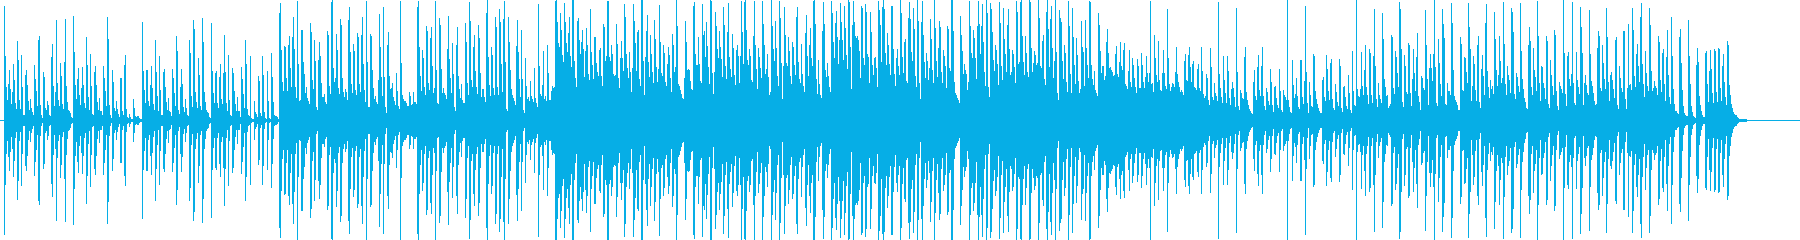 トロピカルで可愛い木琴ポップスの再生済みの波形